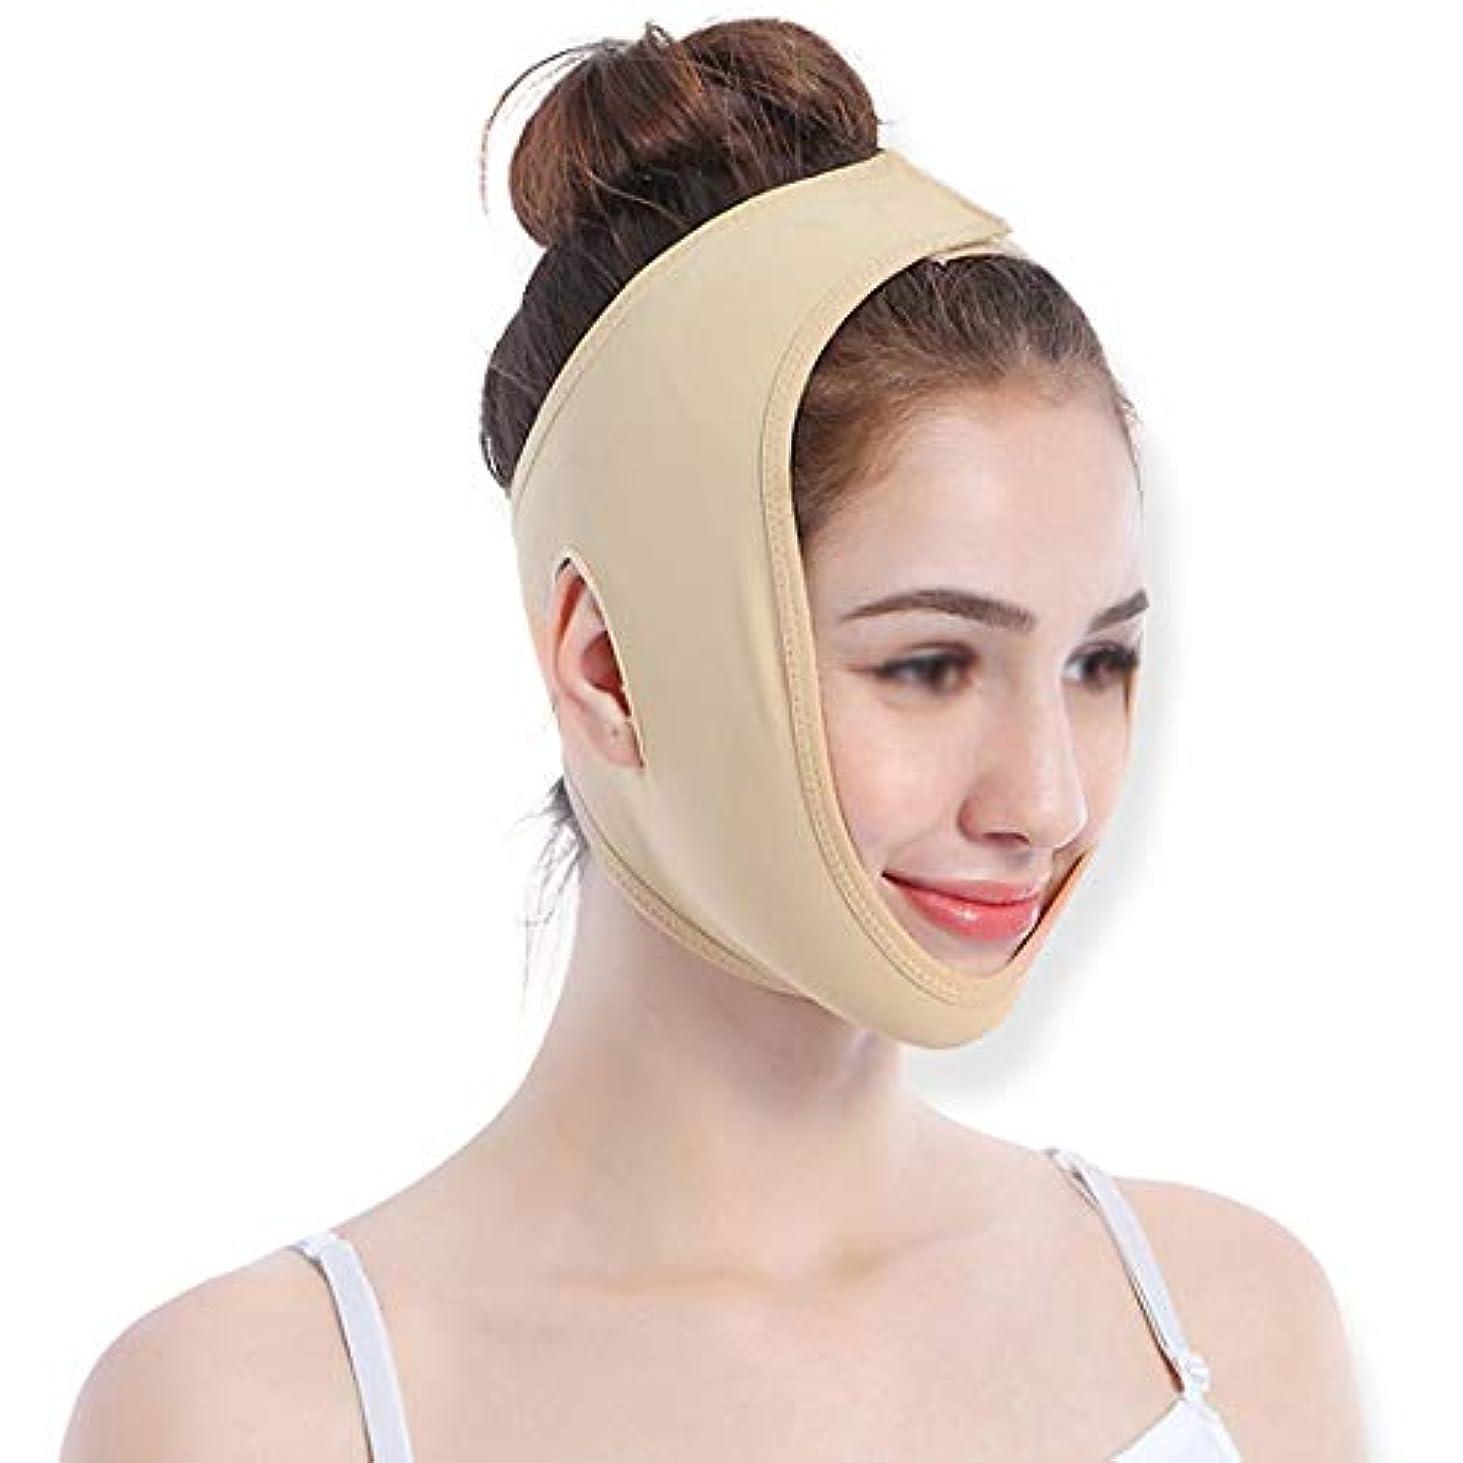 冷淡な組立草ZWBD フェイスマスク, 減量の包帯の男性と女性を削除するフェイスリフティングアーティファクト二重あごフェイスリフトアーティファクトVフェイスマスク楽器包帯